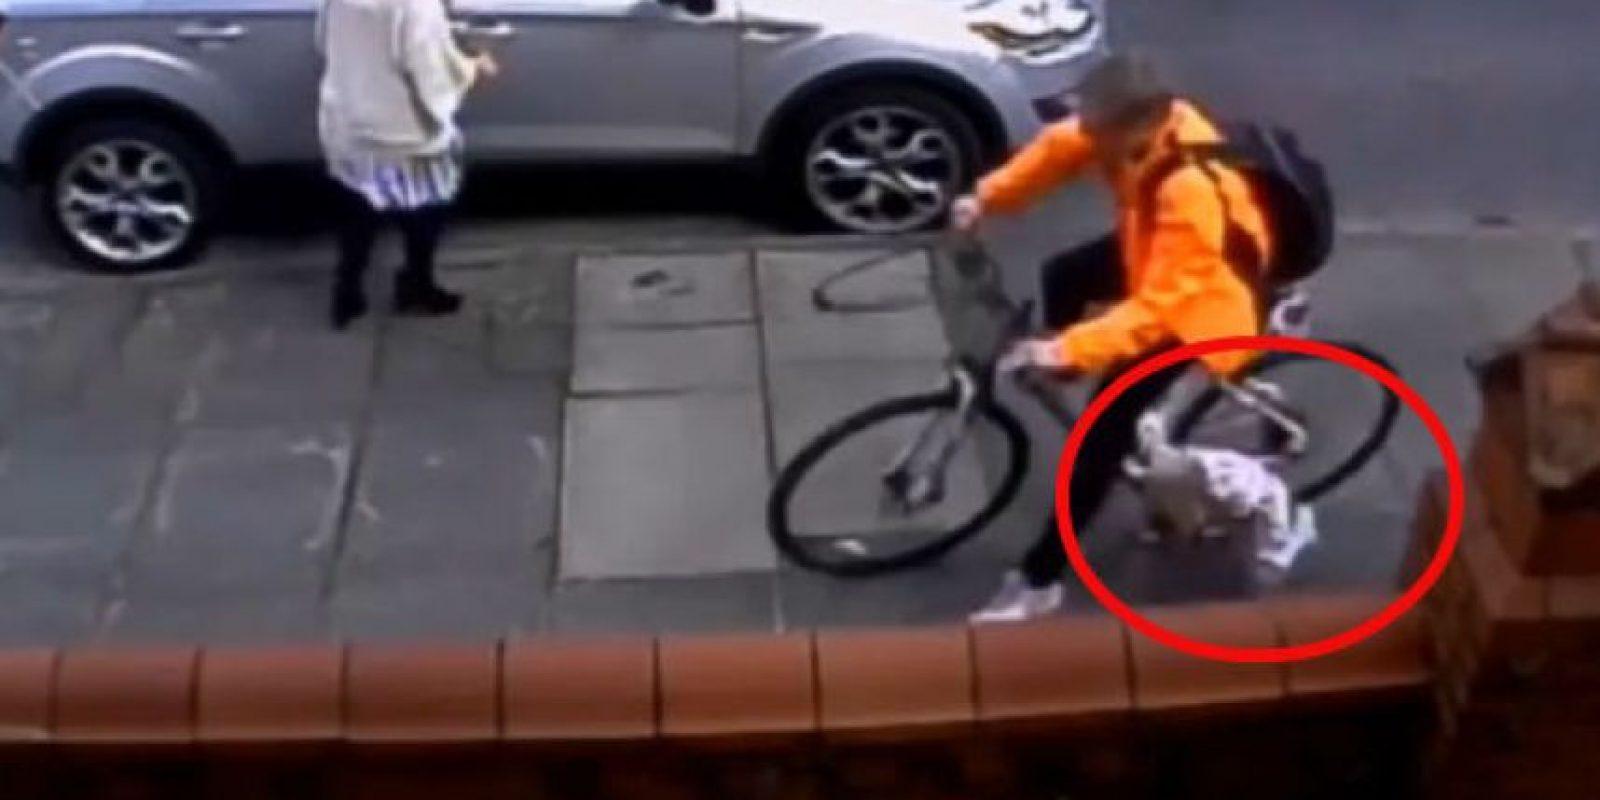 1. Ciclista arrolló a niña y no se detuvo para evitar más daño o para saber si aún seguía con vida Foto:Via Live Leaks